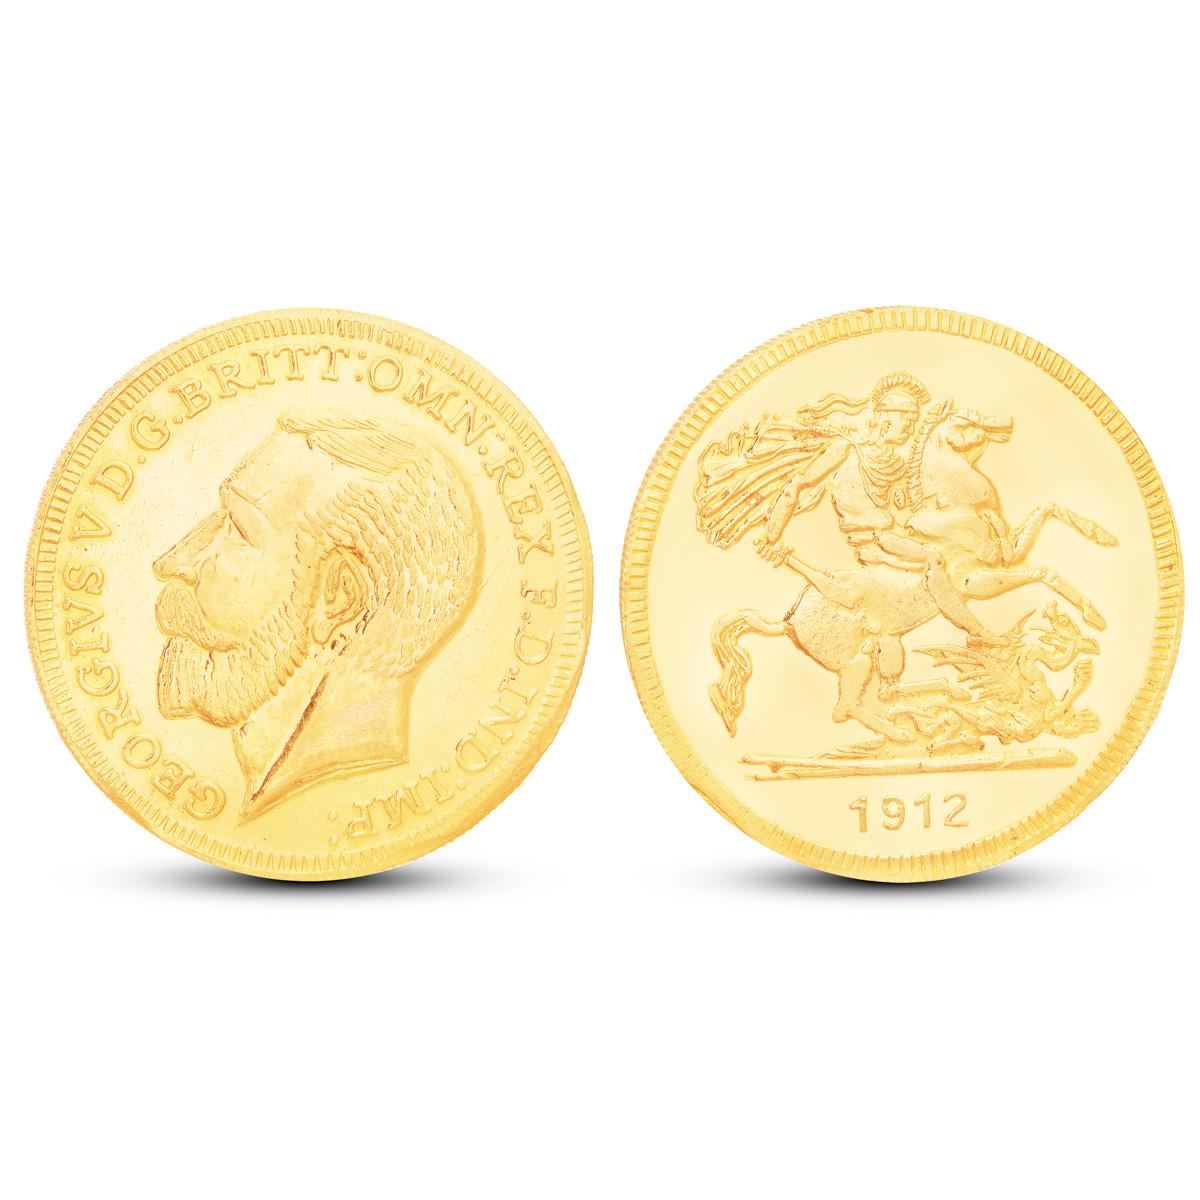 40 Gram Gold Coin